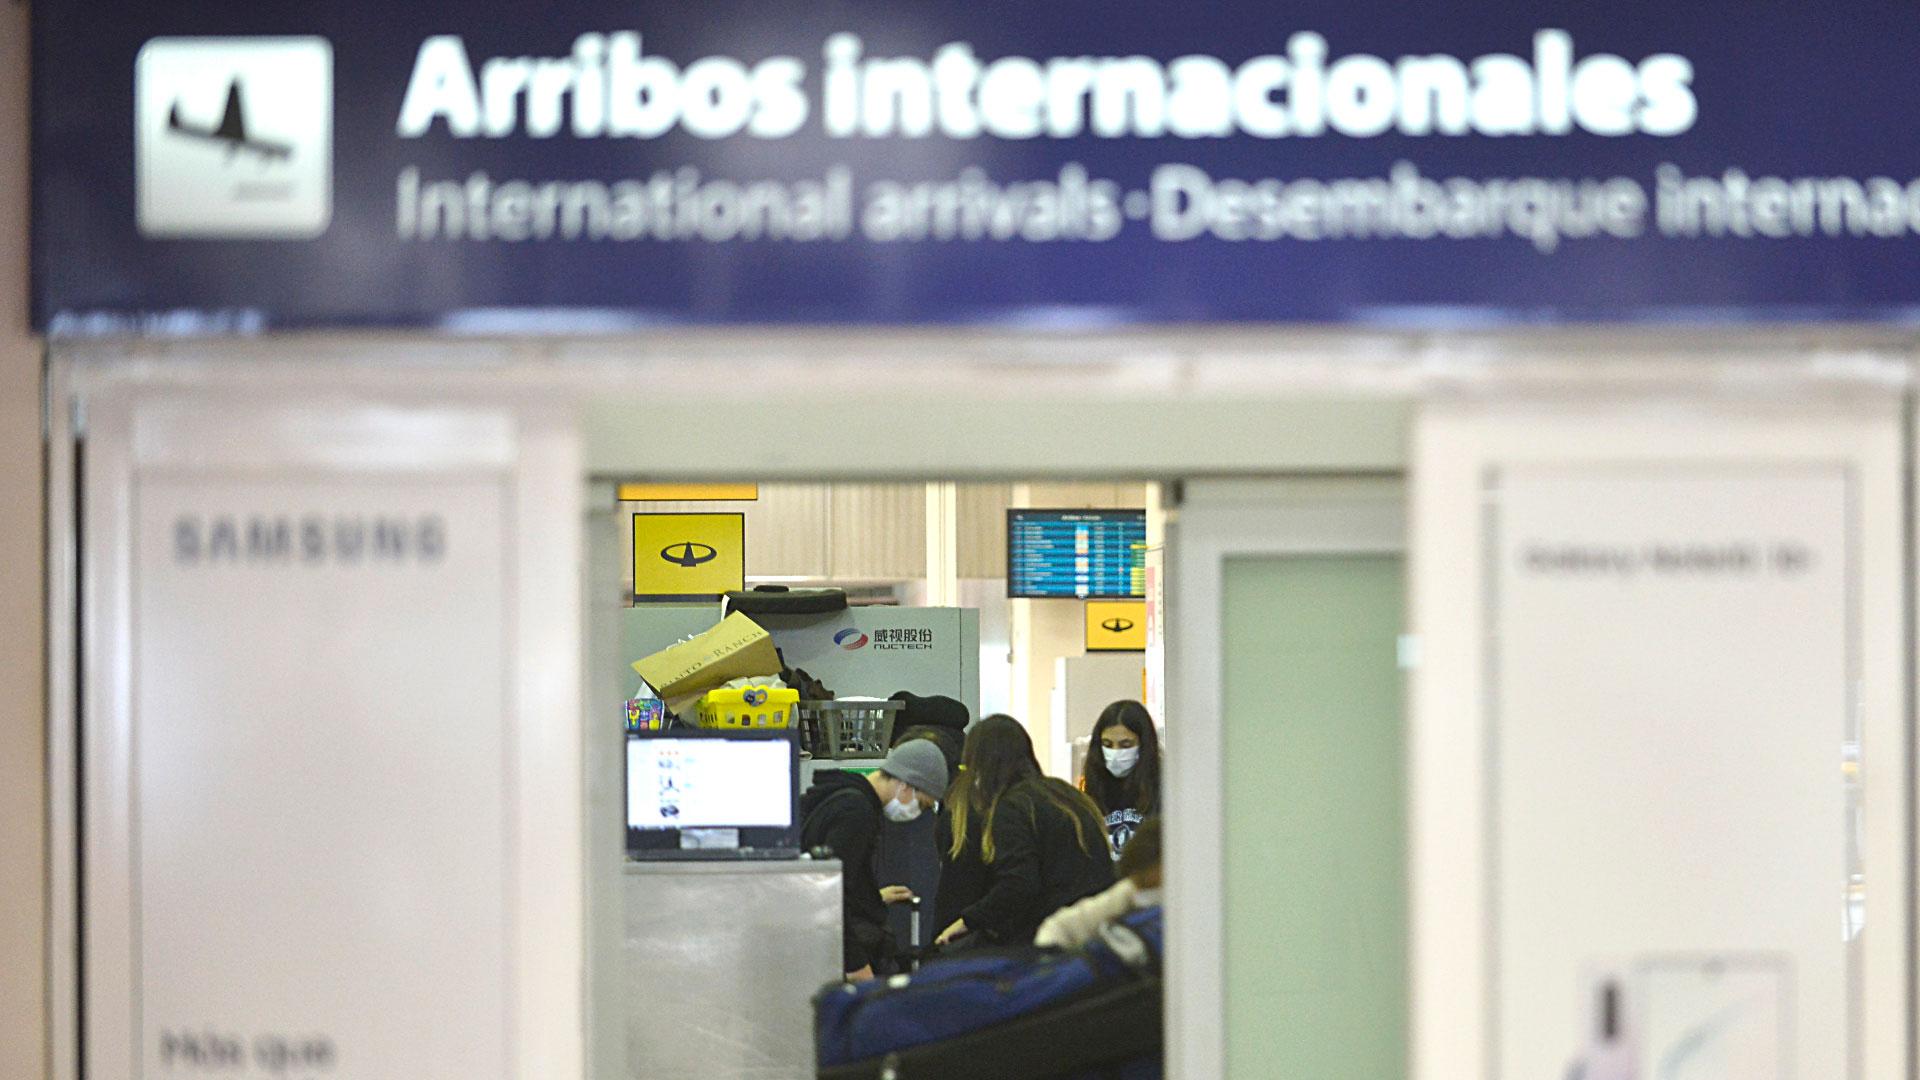 Una vez descendidos del avión, tuvieron que caminar por la pista para subirse a un micros que los estaban esperando para ir hasta migraciones y luego retirar el equipaje en el sector de las cintas